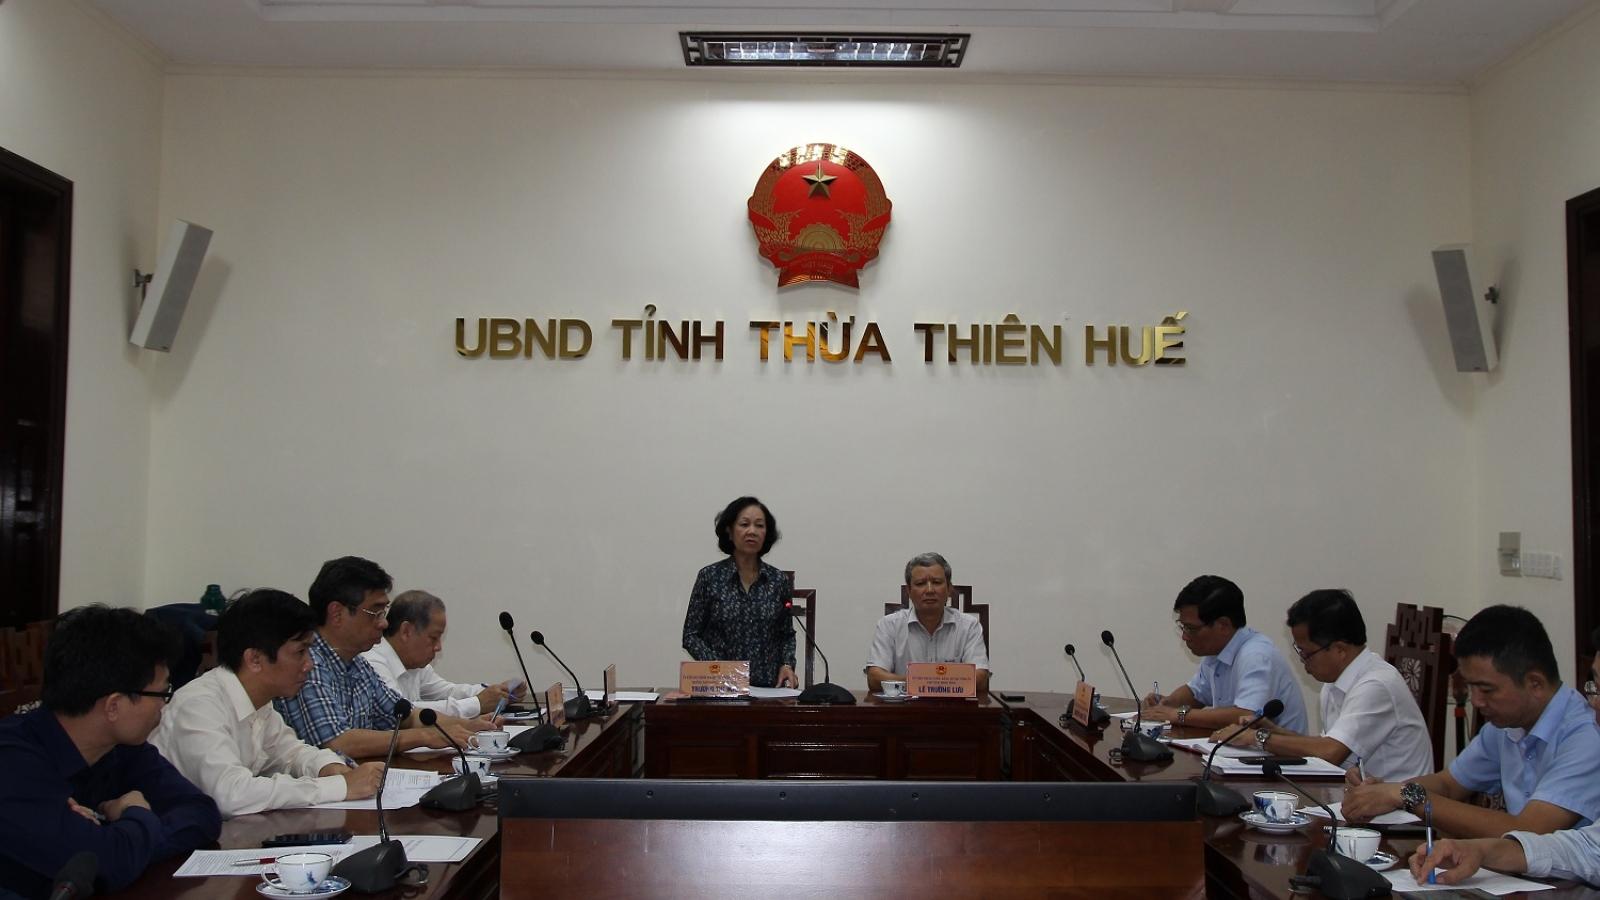 Trưởng ban Dân vận Trung ương làm việc và tặng quà tại tỉnh Thừa Thiên Huế